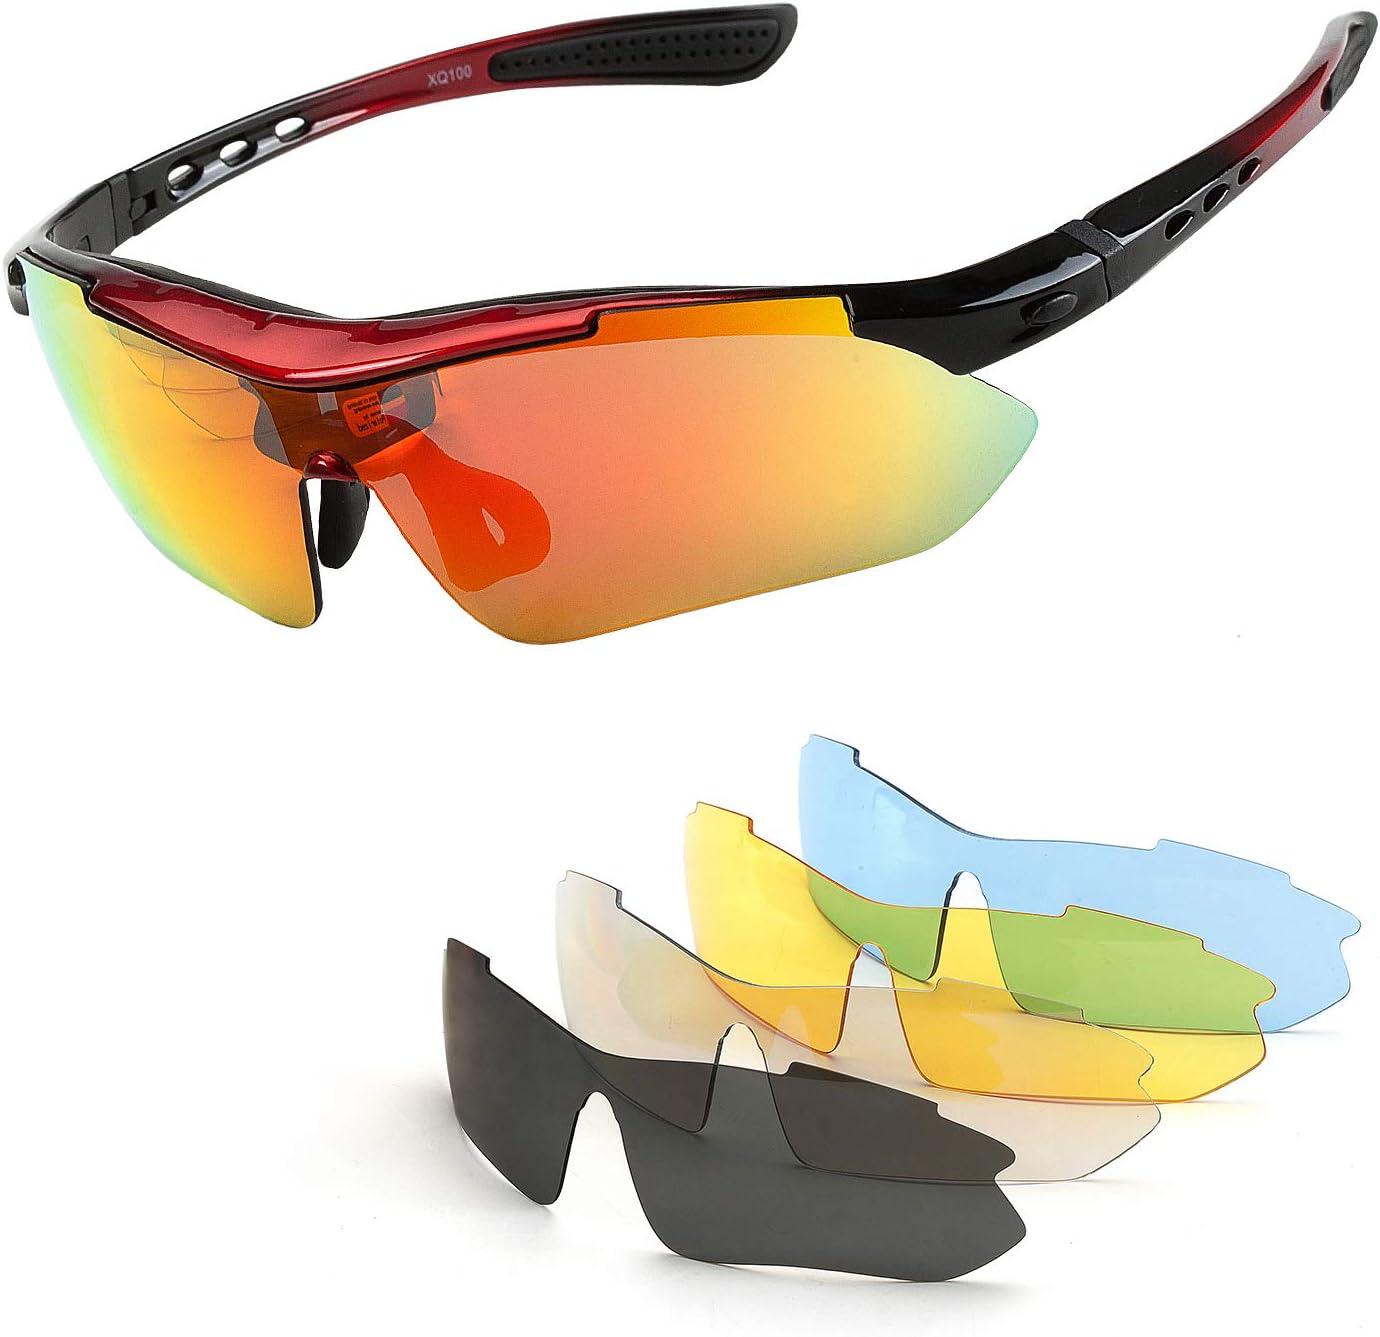 Renzer Gafas Bicicleta Montaña Hombre Gafas Ciclismo Hombre Polarizadas Gafas MTB con 5 Lentes Intercambiables Rojo: Amazon.es: Deportes y aire libre